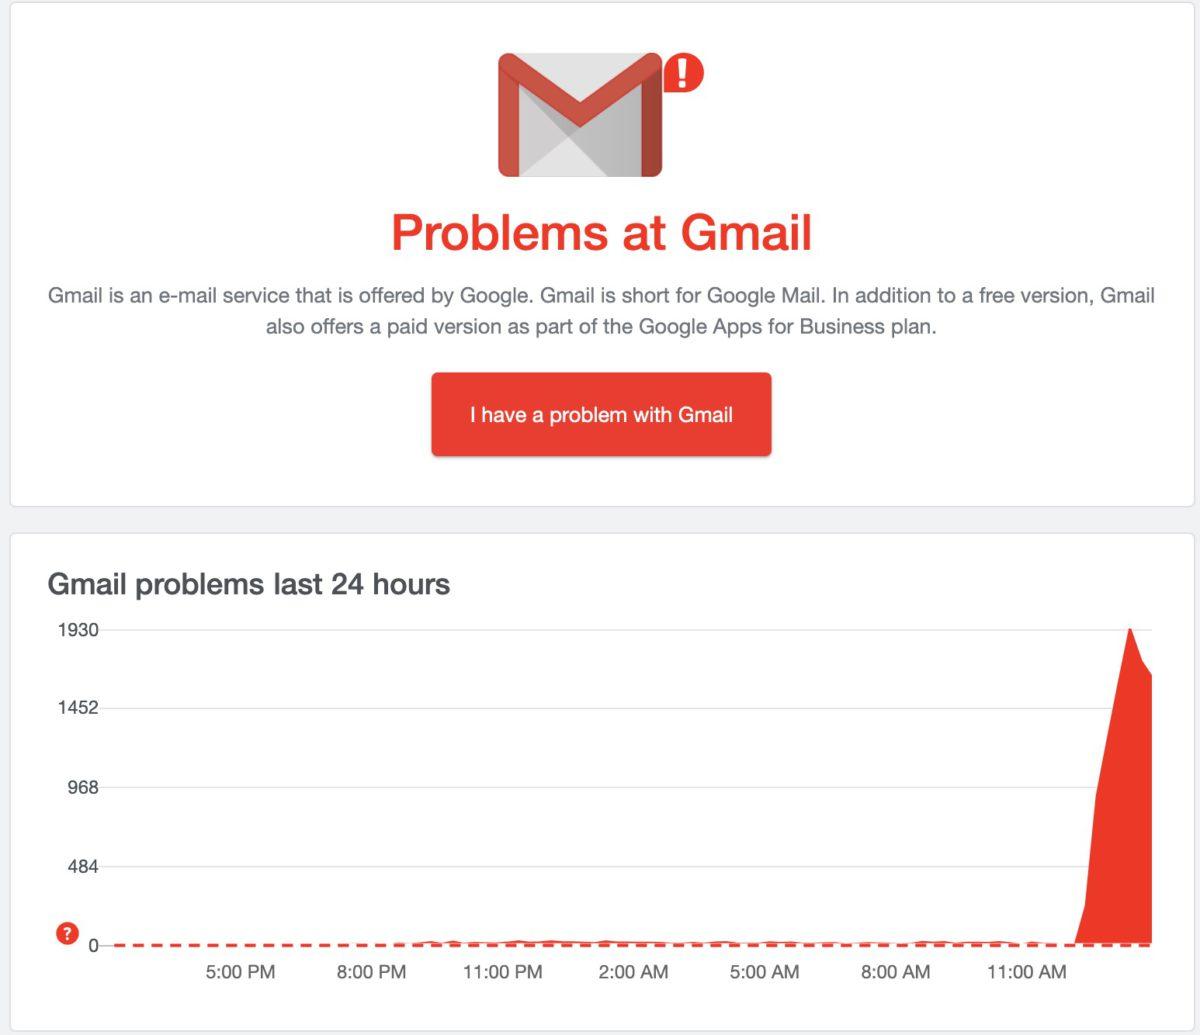 網絡服監察網站 DownDetector 亦顯示 Gmail 出現大量服務無法使用的舉報。